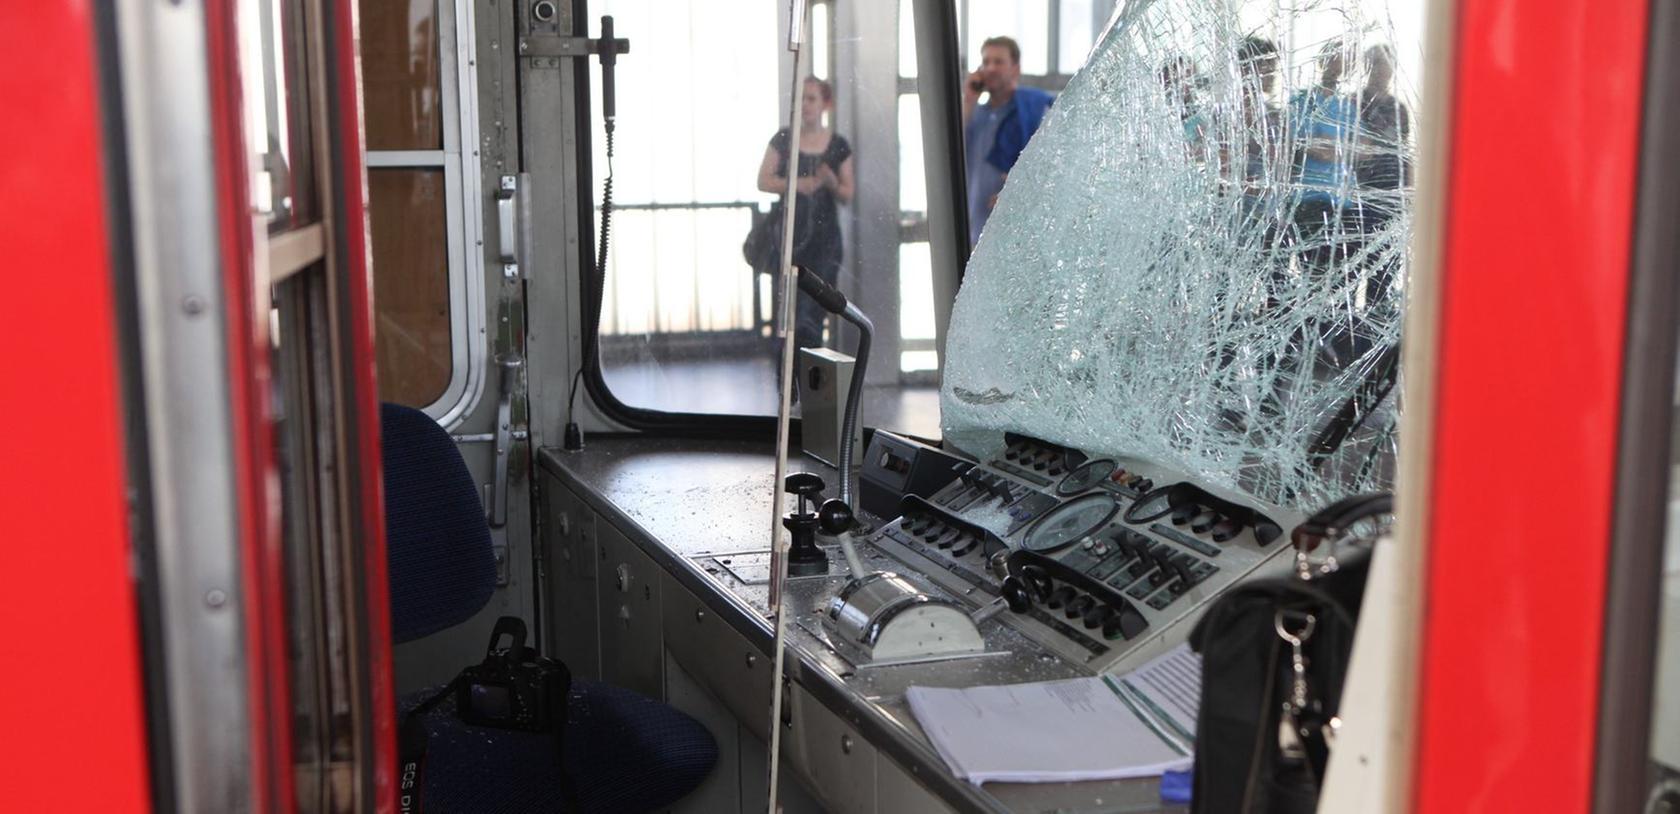 Die Fahrerin dieser U-Bahn wurde glücklicherweise nur leicht verletzt.